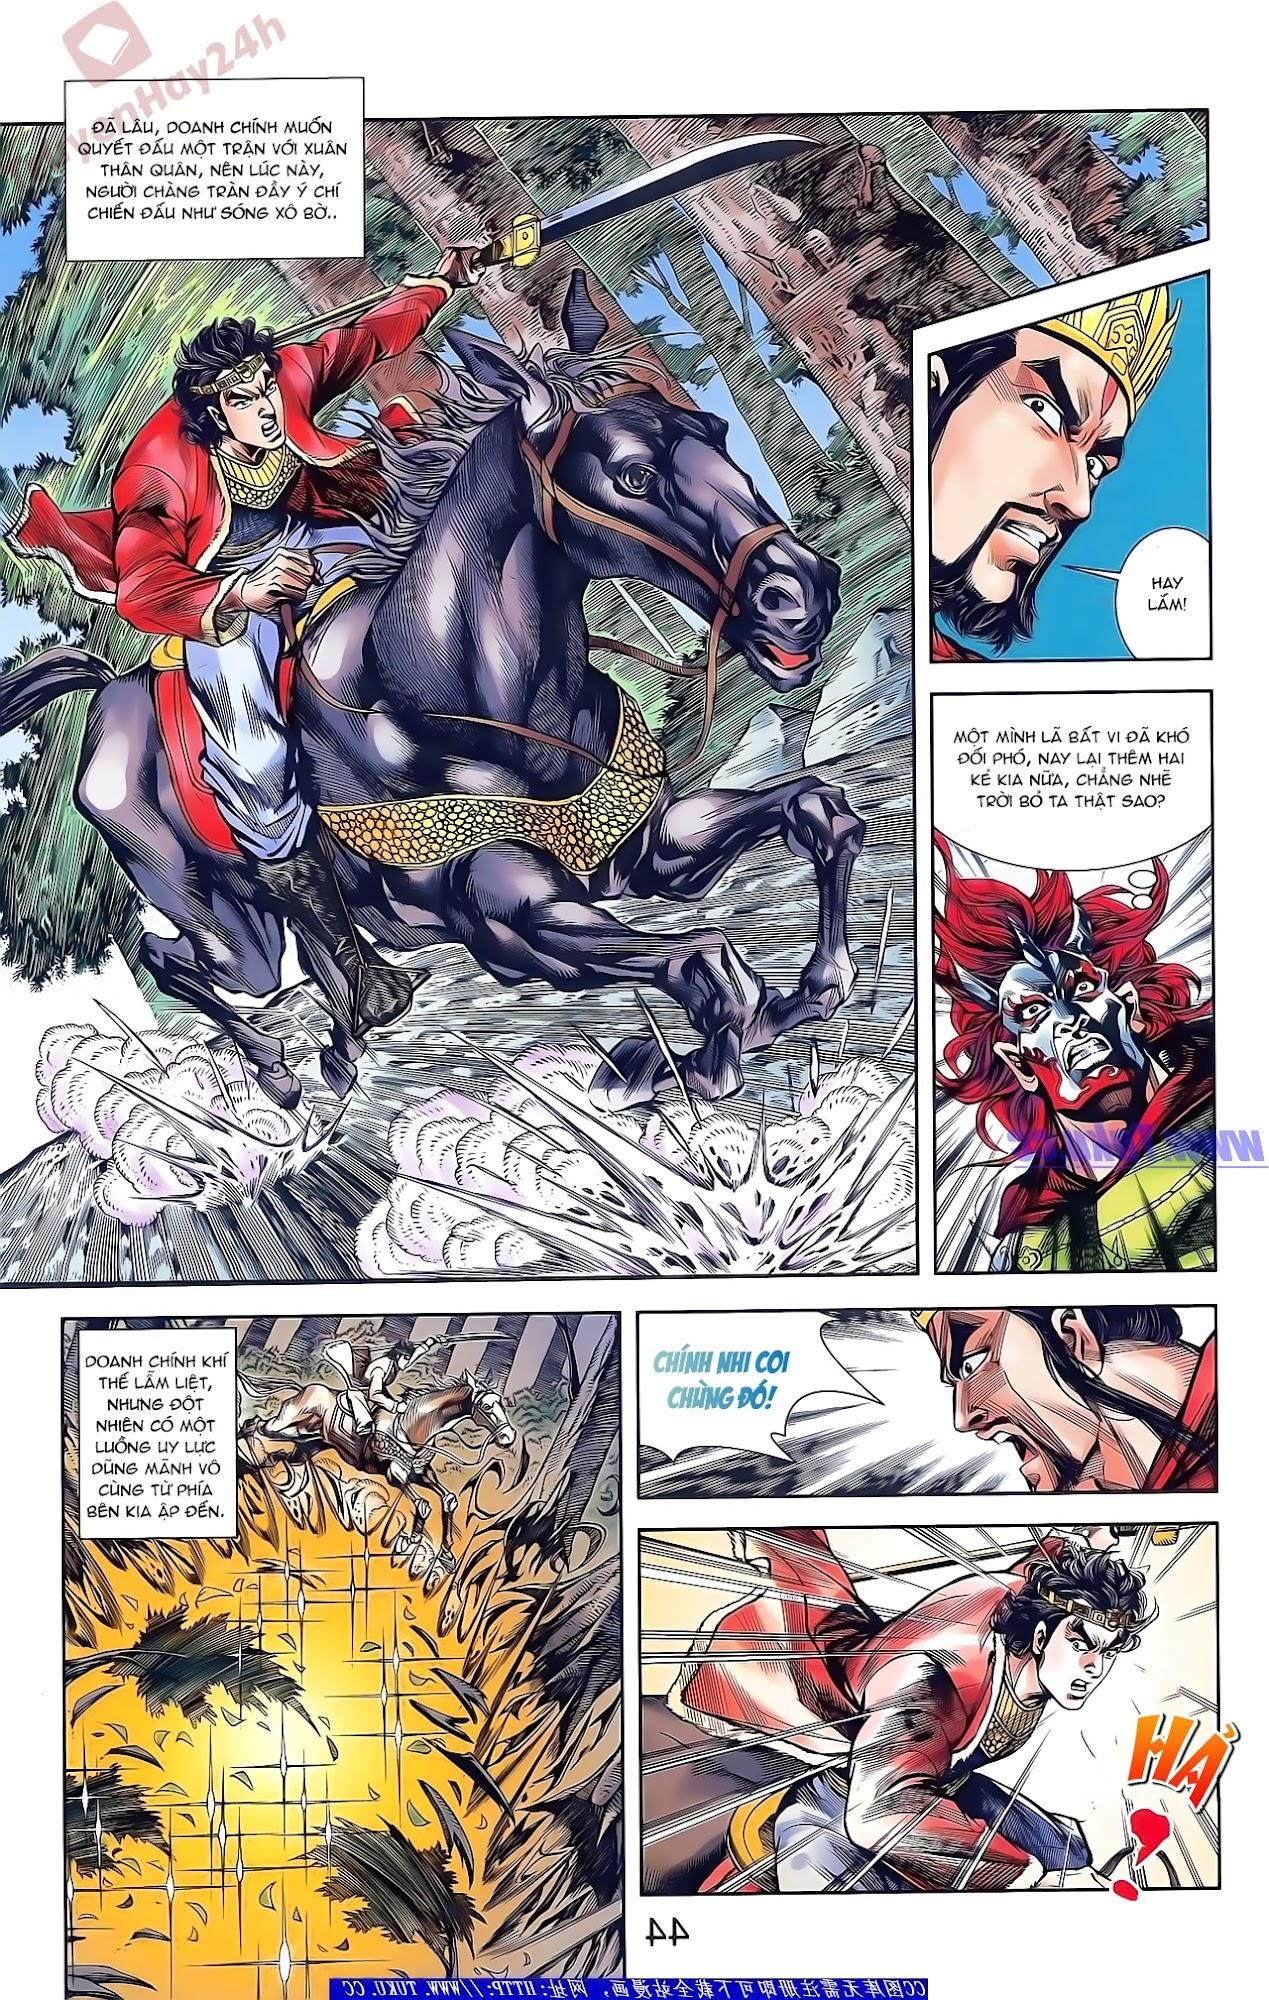 Tần Vương Doanh Chính chapter 48 trang 29